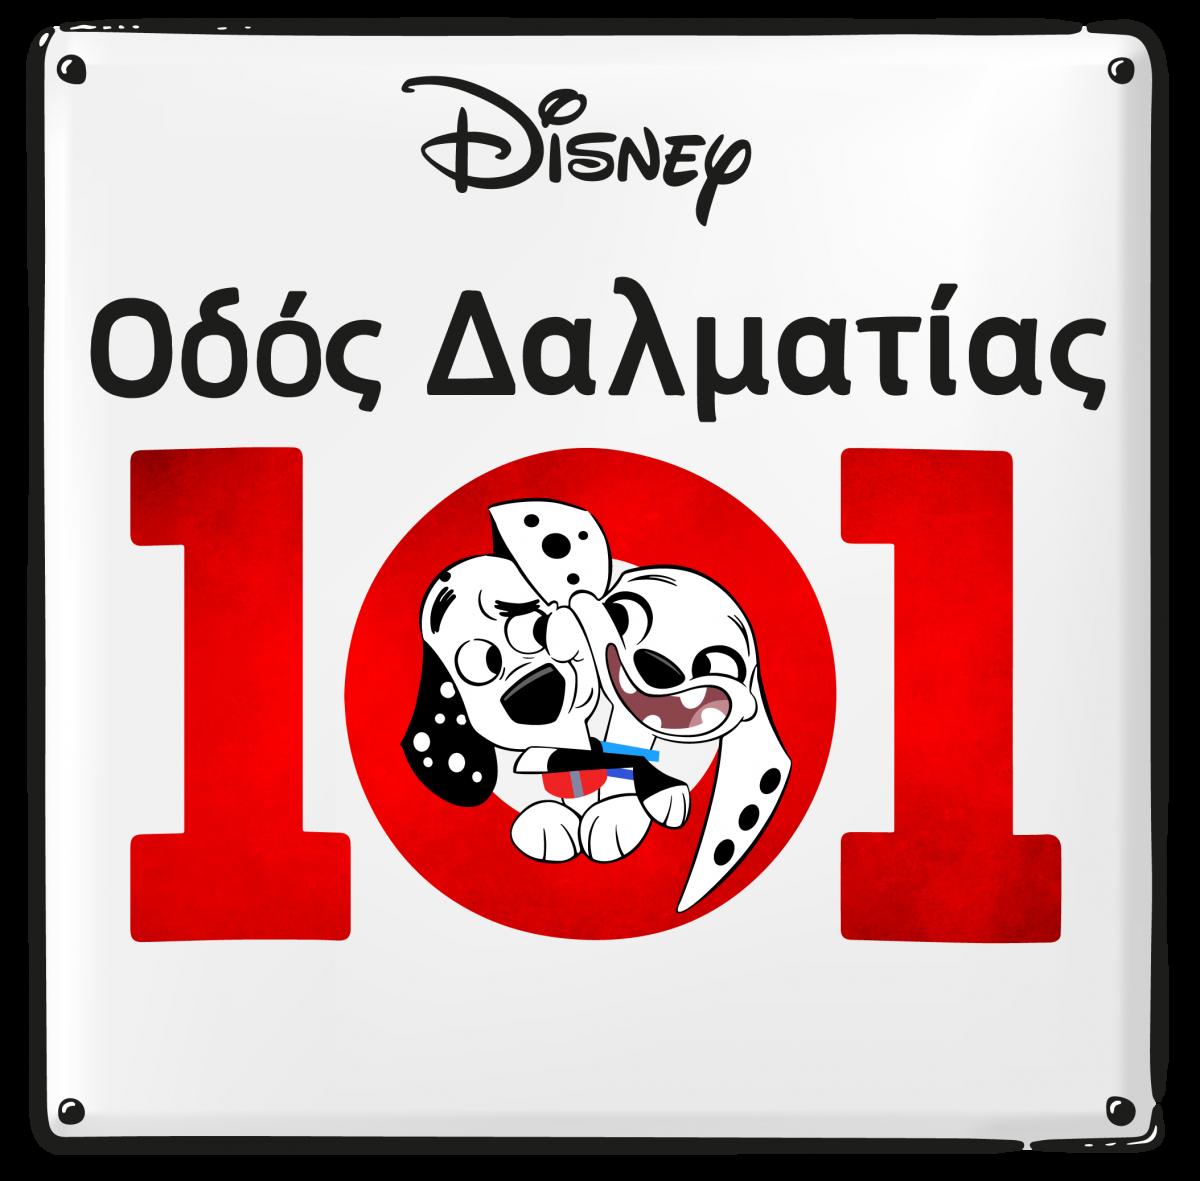 Οδός Δαλματίας 101  Η αγαπημένη τετράποδη οικογένεια επιστρέφει στο DisneyChannel